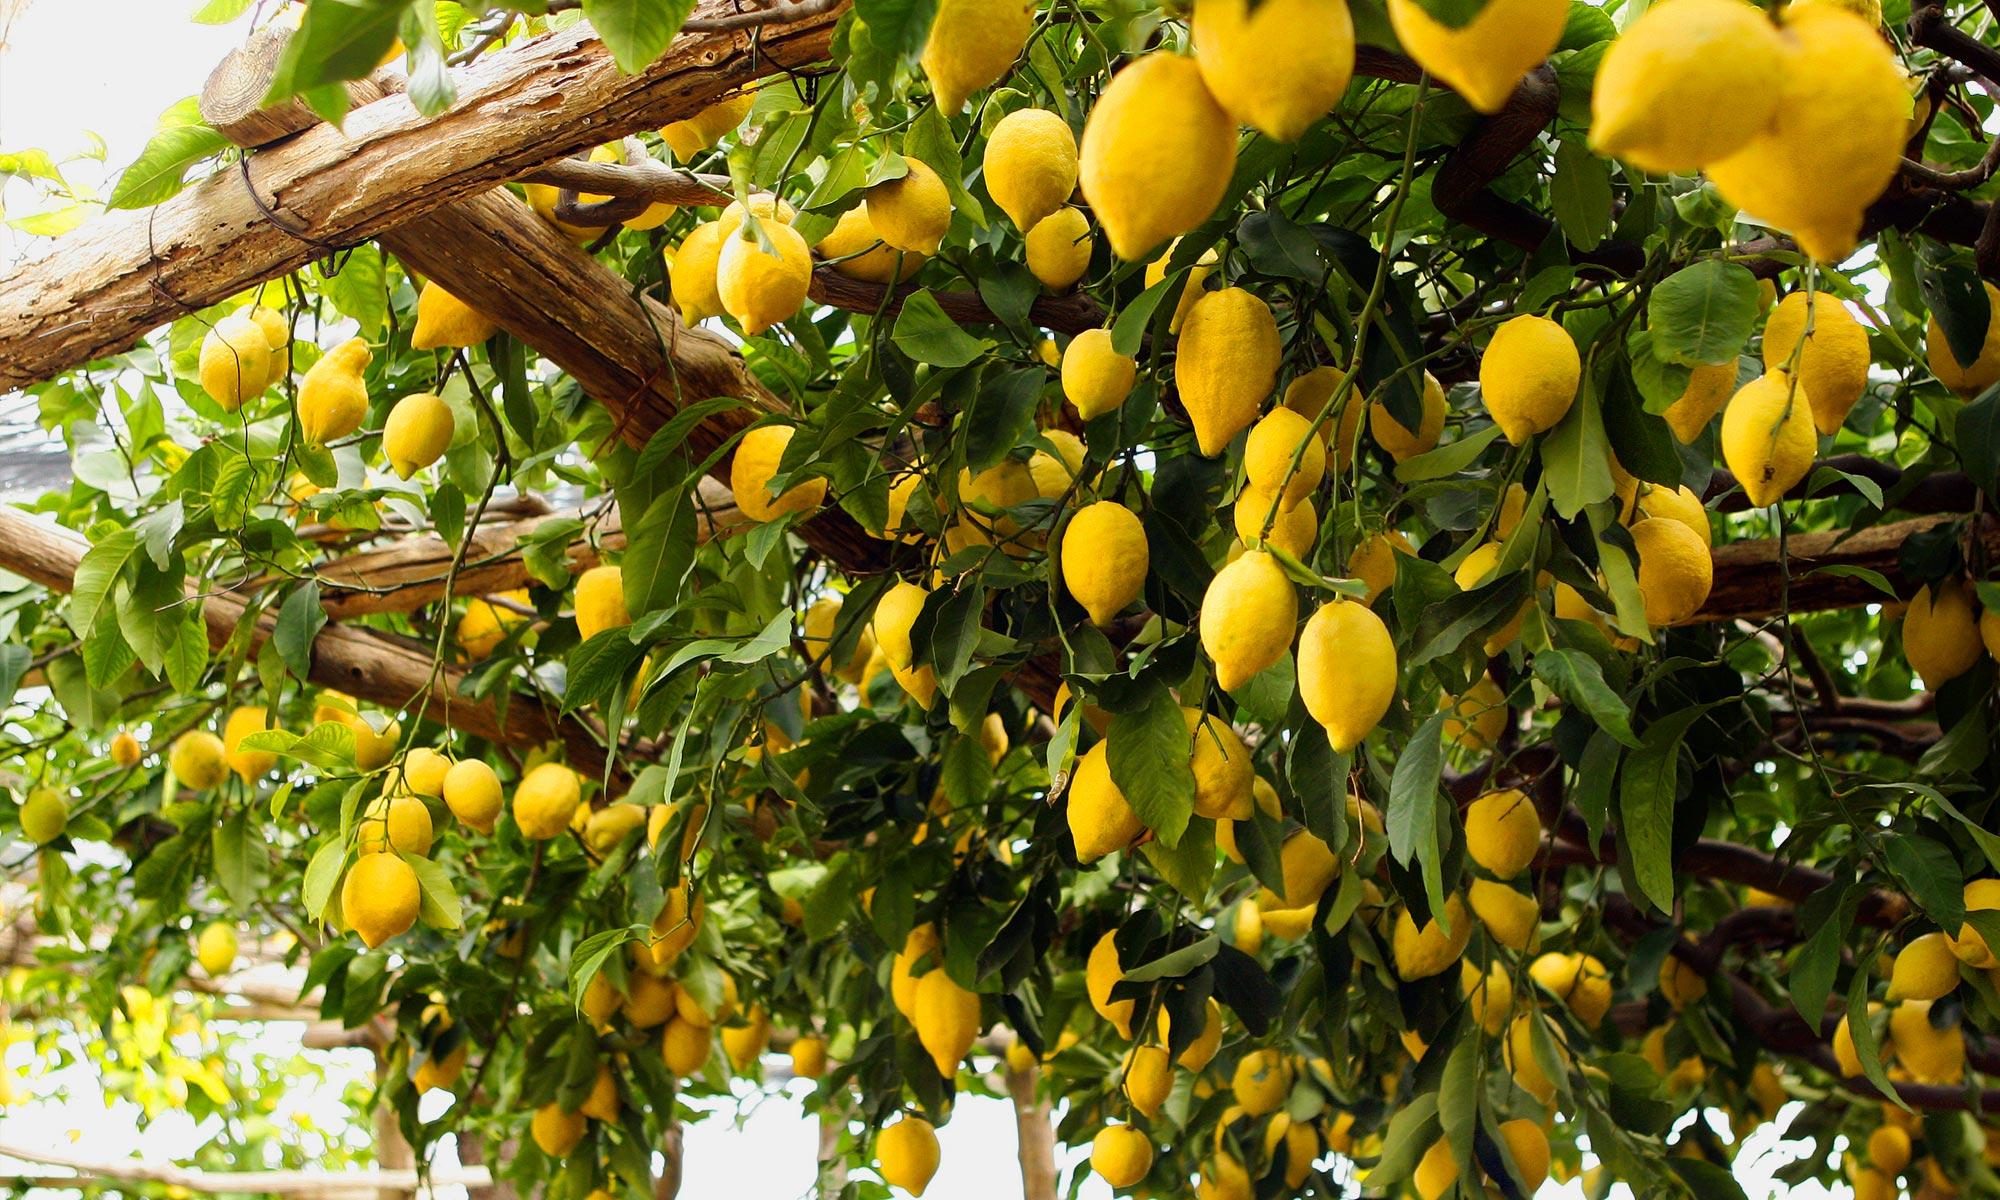 Blog silenzio cantatore amalfi ieri e oggi da for Acquistare piante di agrumi